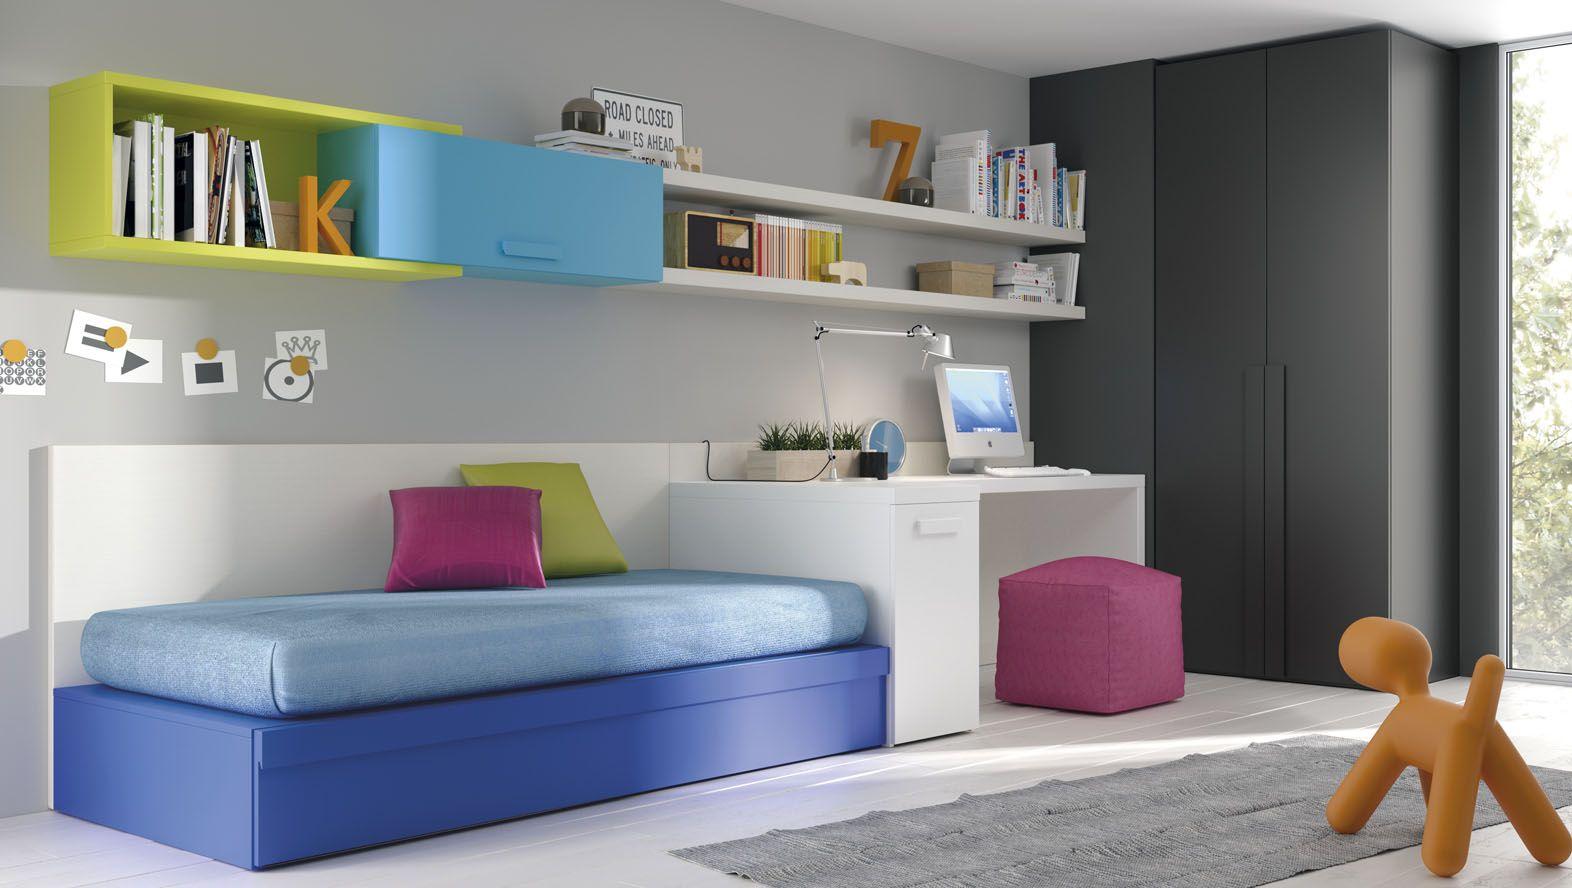 dormitorios juveniles catlogo infinity muebles jjp camas On infinity muebles juveniles